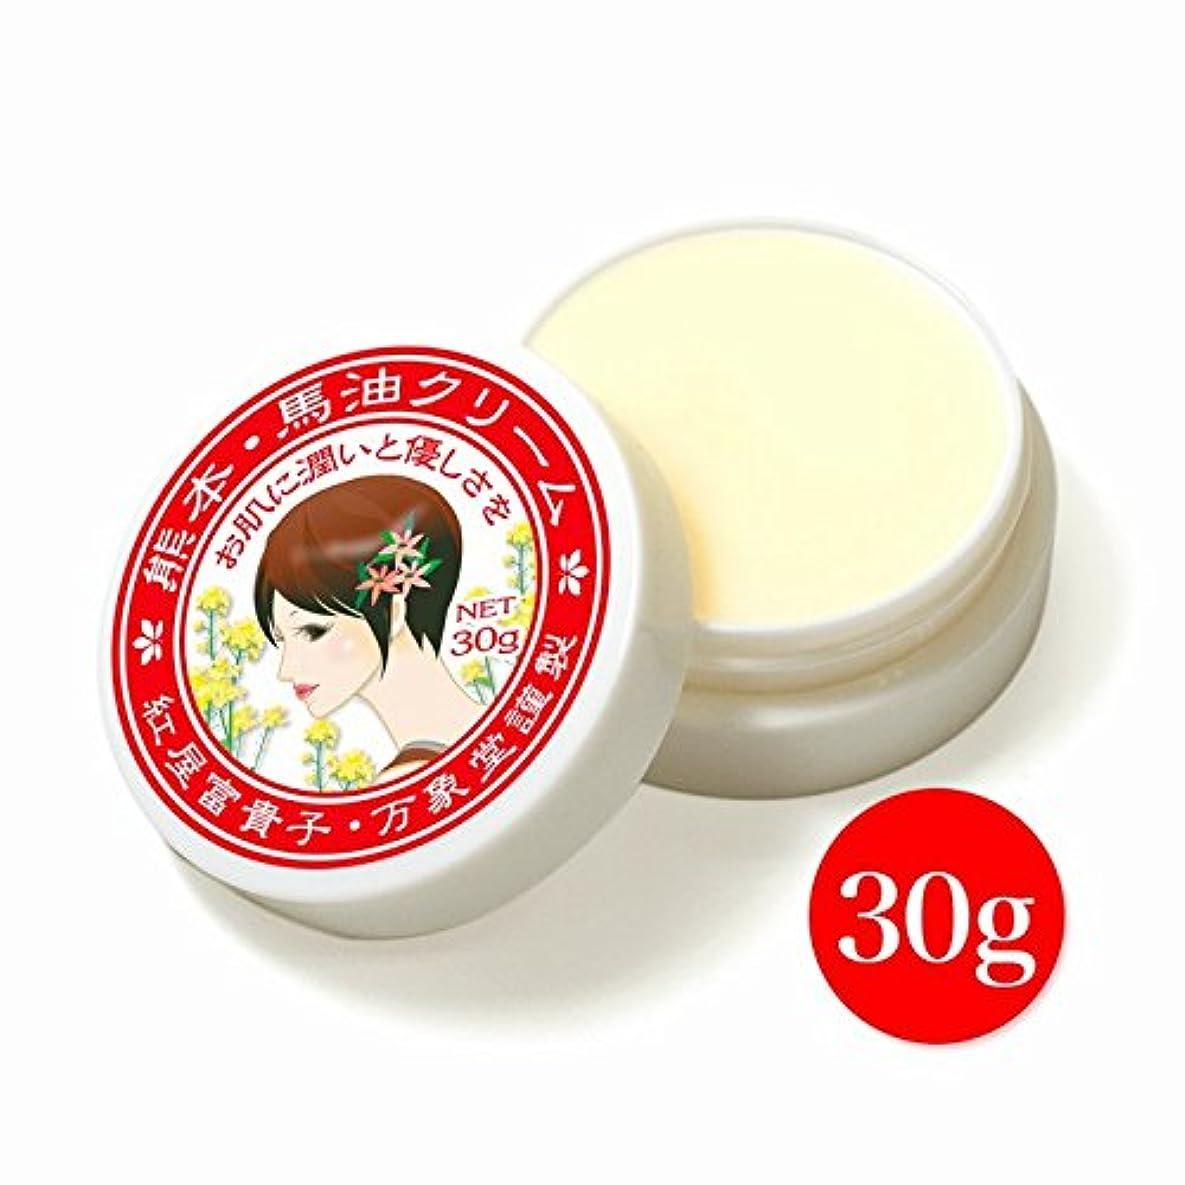 ハッチ授業料シガレット森羅万象堂 馬油クリーム 30g (ラベンダーの香り)精油 アロマ 国産 保湿 スキンクリーム